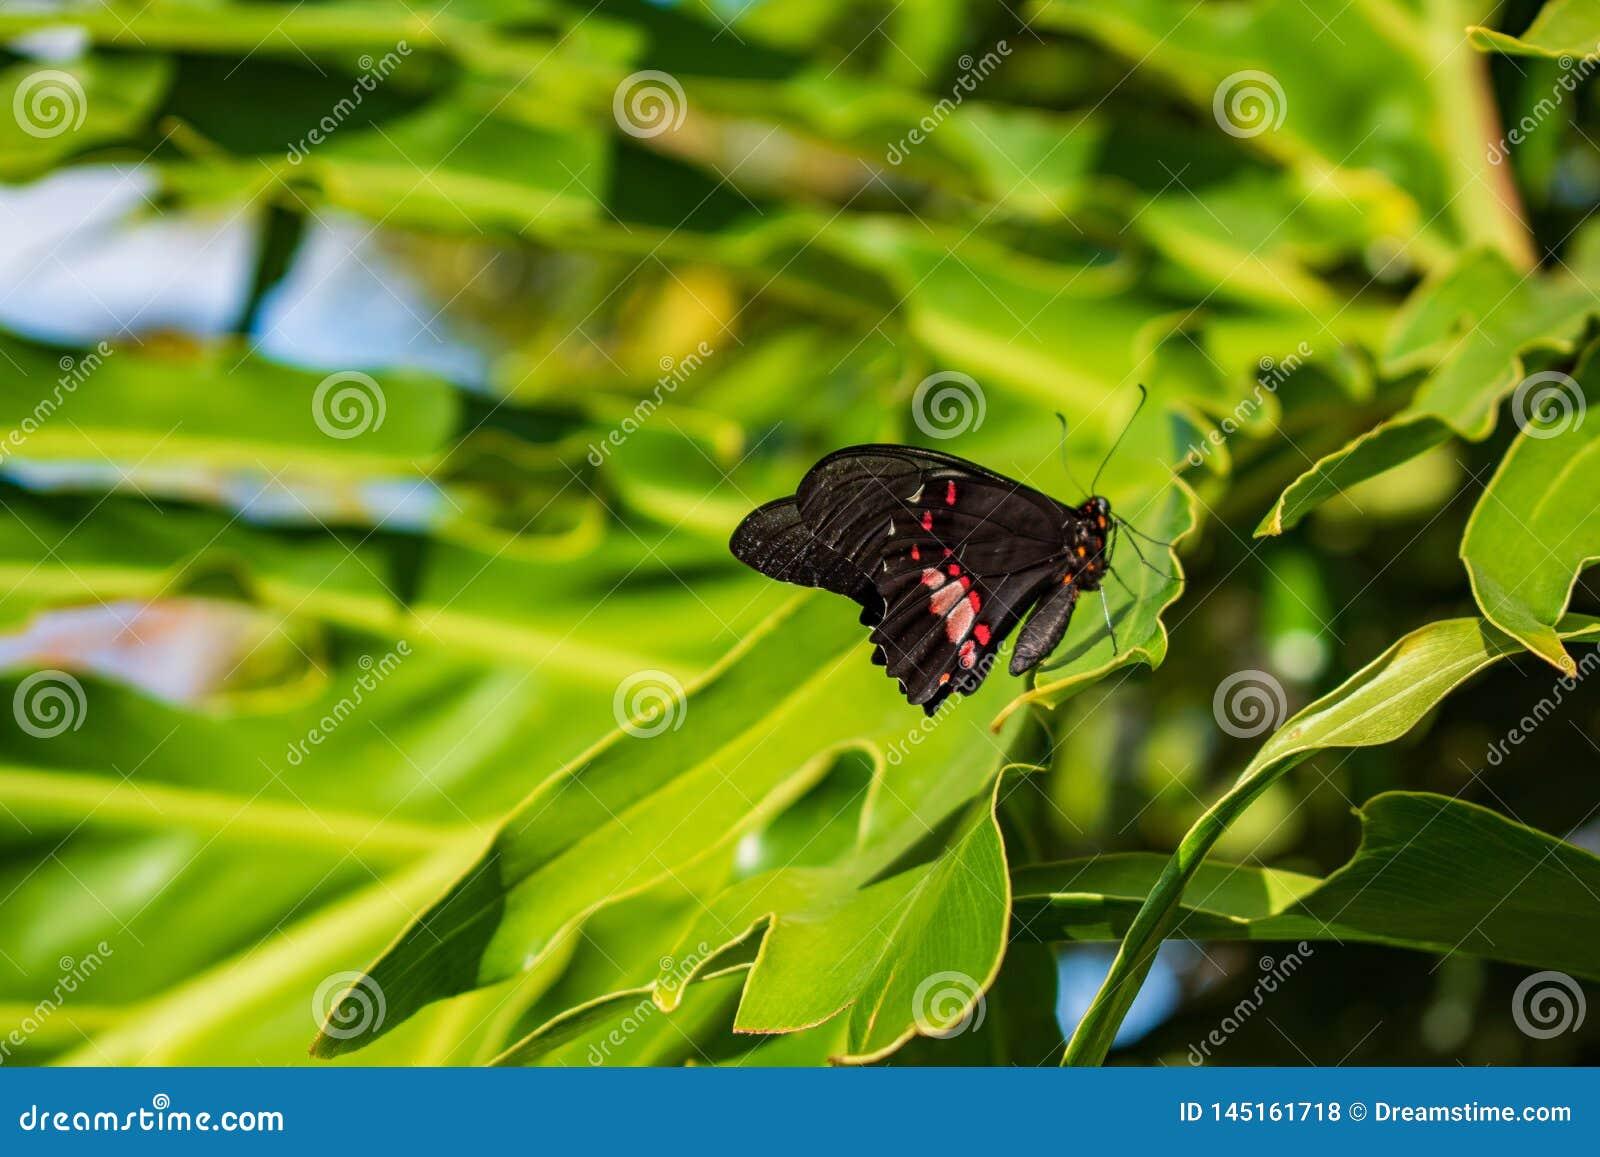 Vlinder in een groen blad